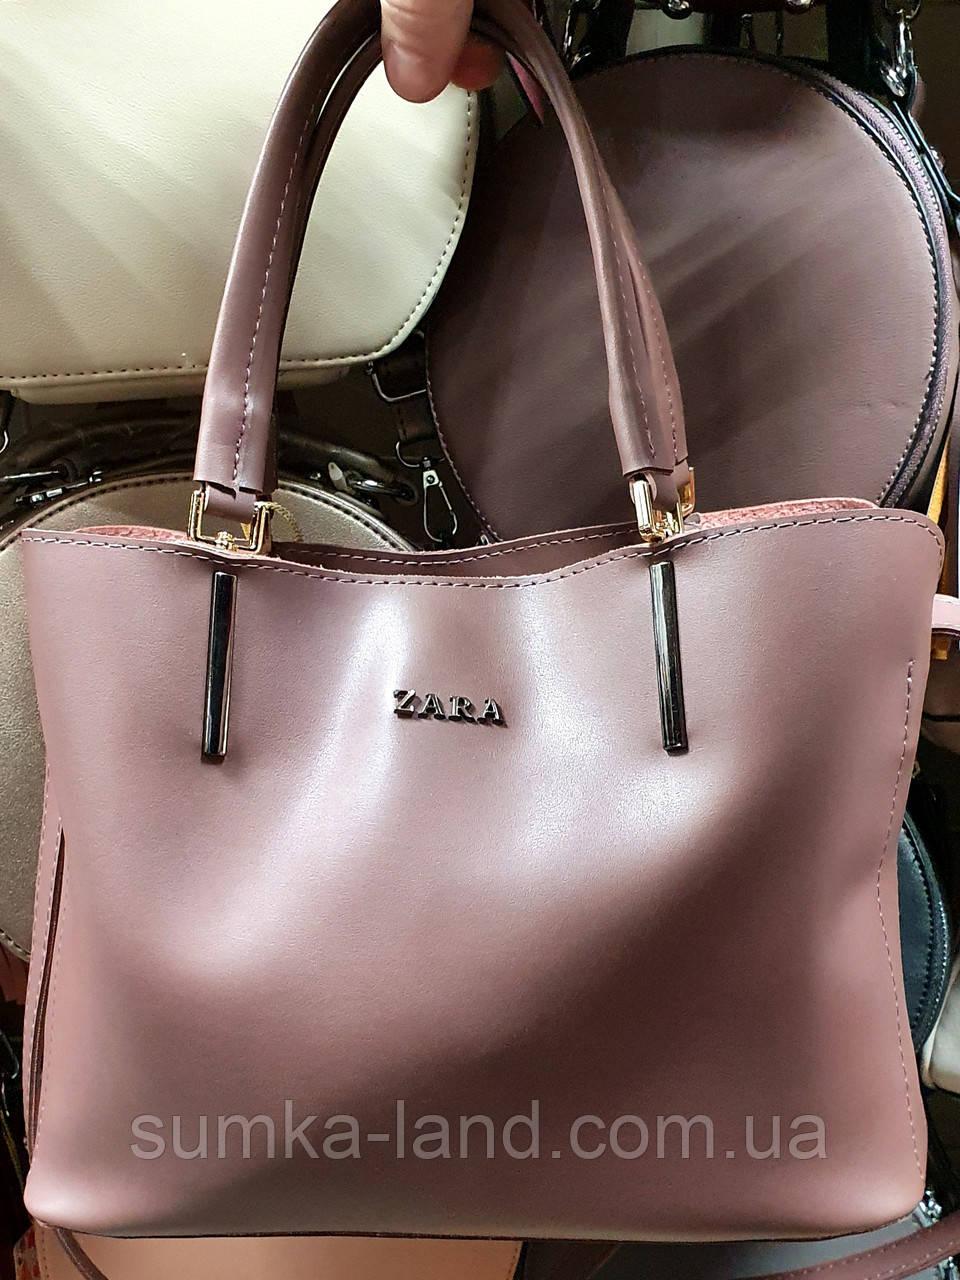 Женская сиреневая сумка Zara из эко-кожи на 3 отделения 30*22 см